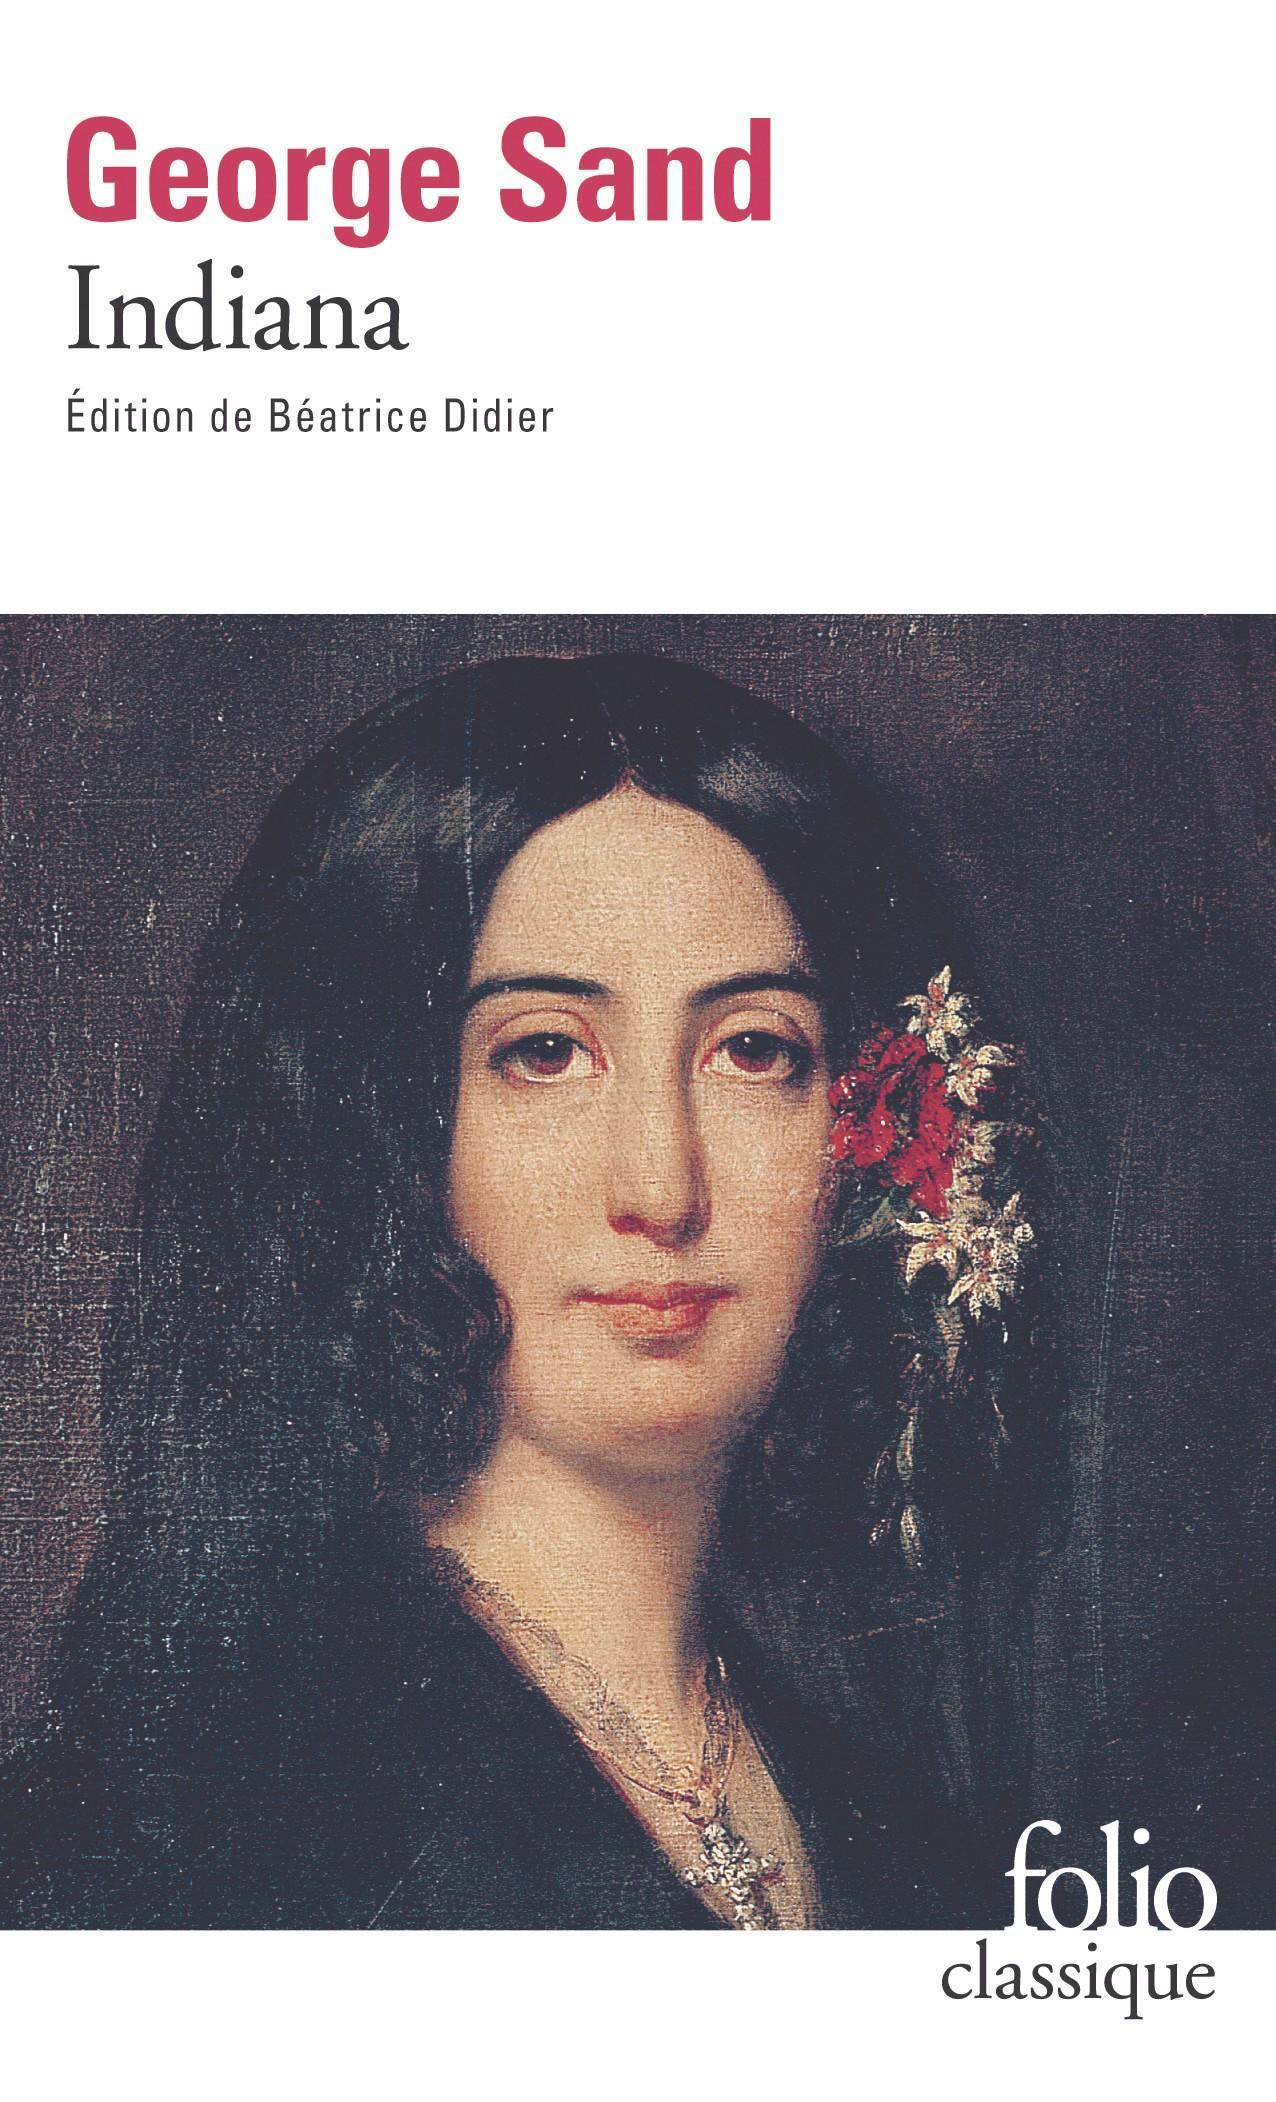 George Sand, Indiana, 1832, coll. Folio classique, Gallimard, 1984.